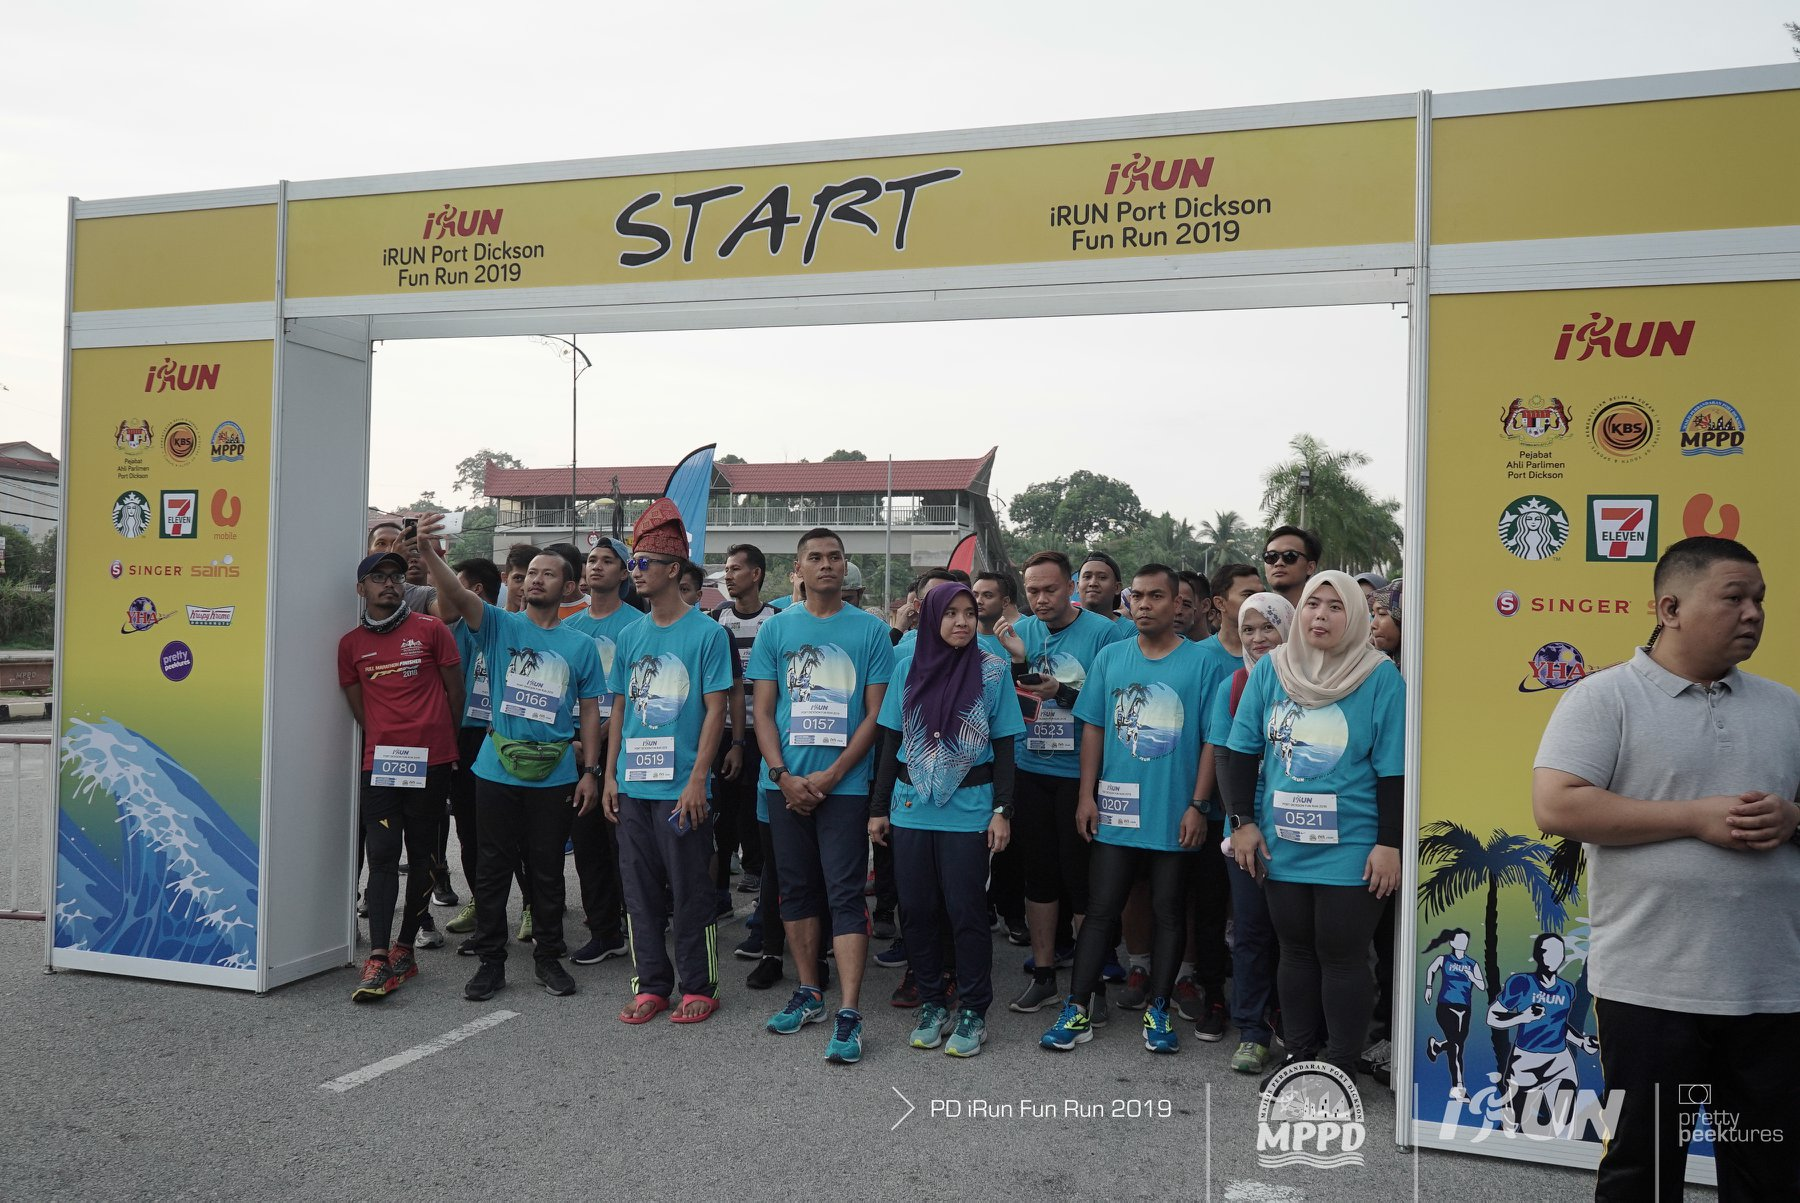 iRUN Port Dickson Fun Run 2019